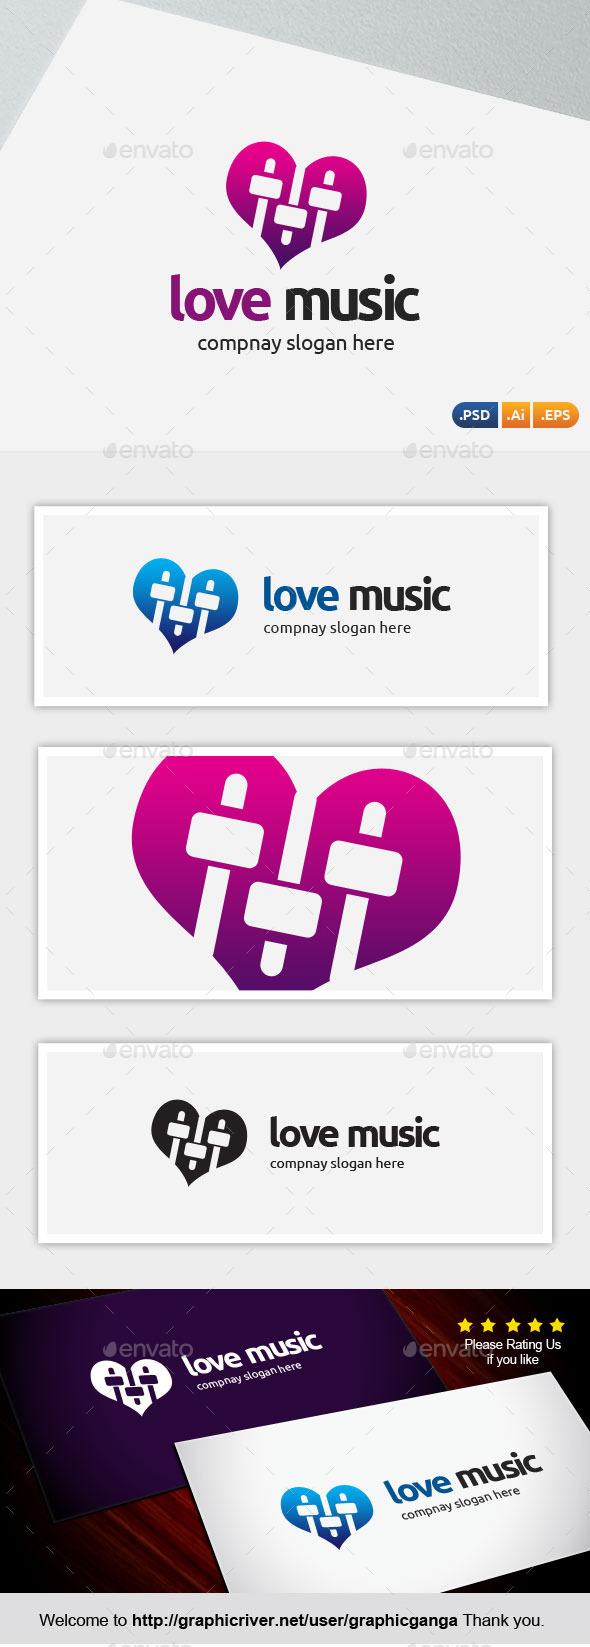 GraphicRiver Love Music 10018852